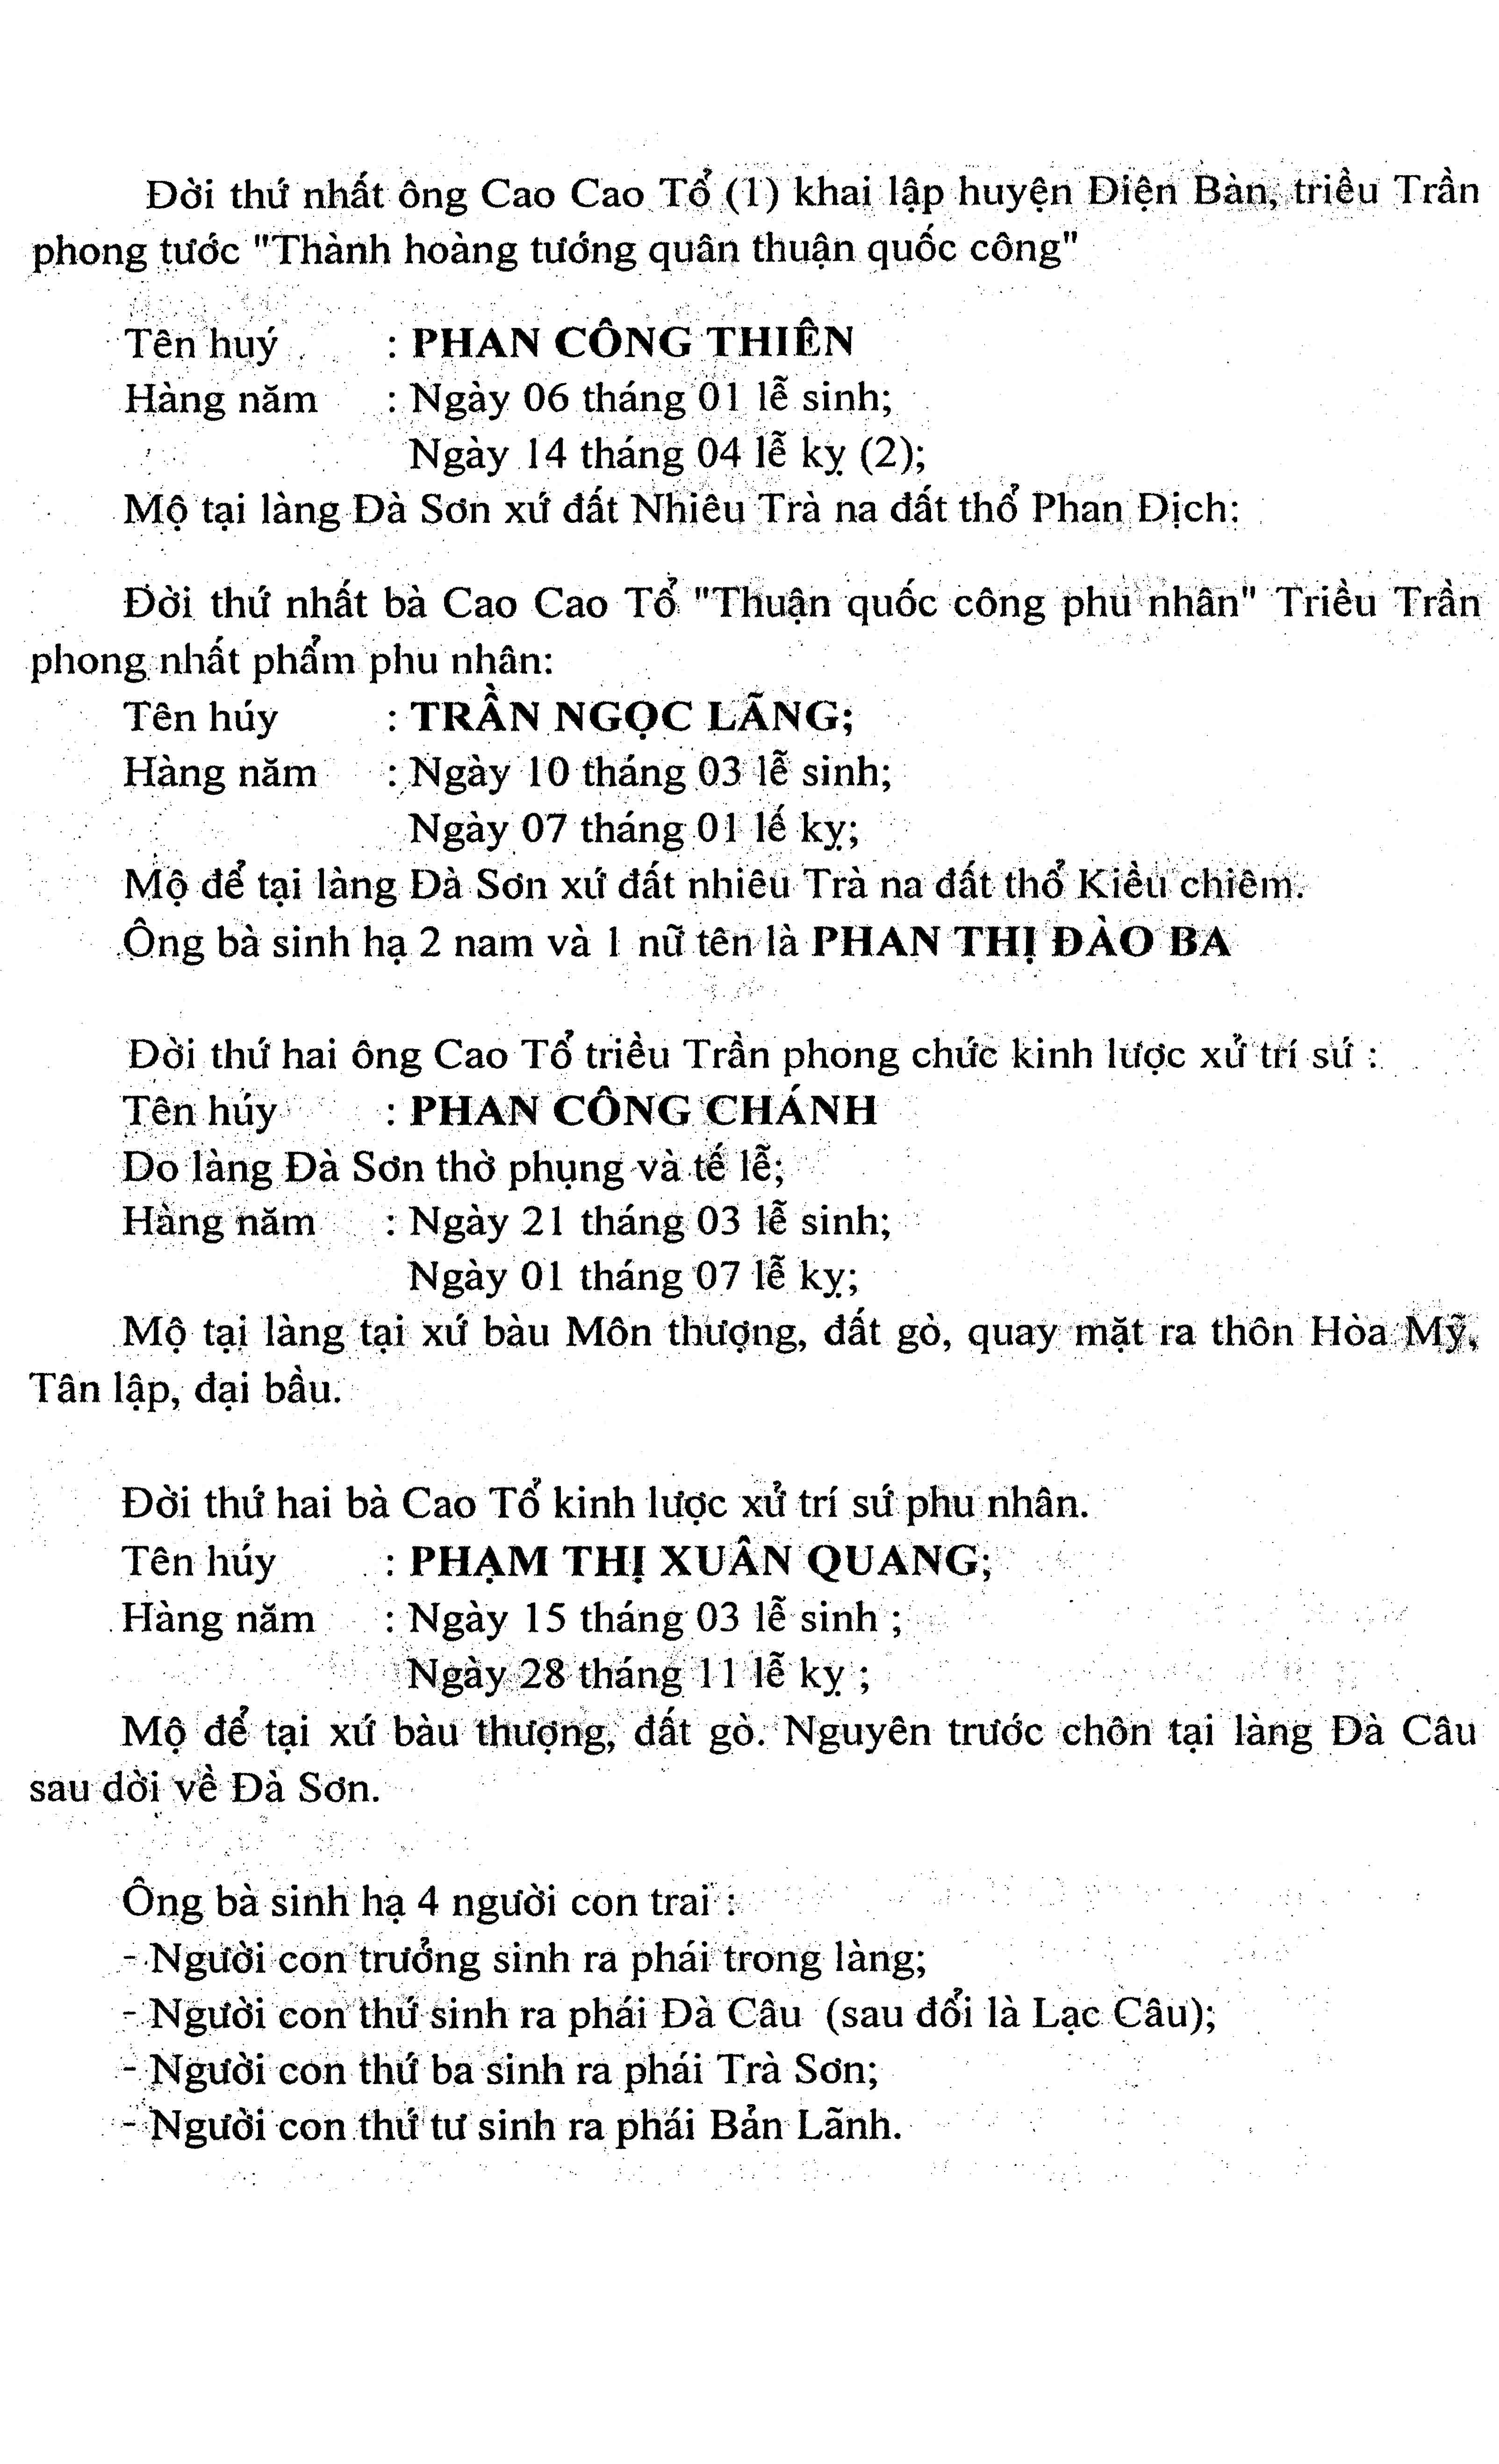 11 - Miền tháp cổ - Tác giả Vũ Hùng - Kỳ 10 - Phan tộc phổ chí Đà Sơn - Đà Ly nhị xã